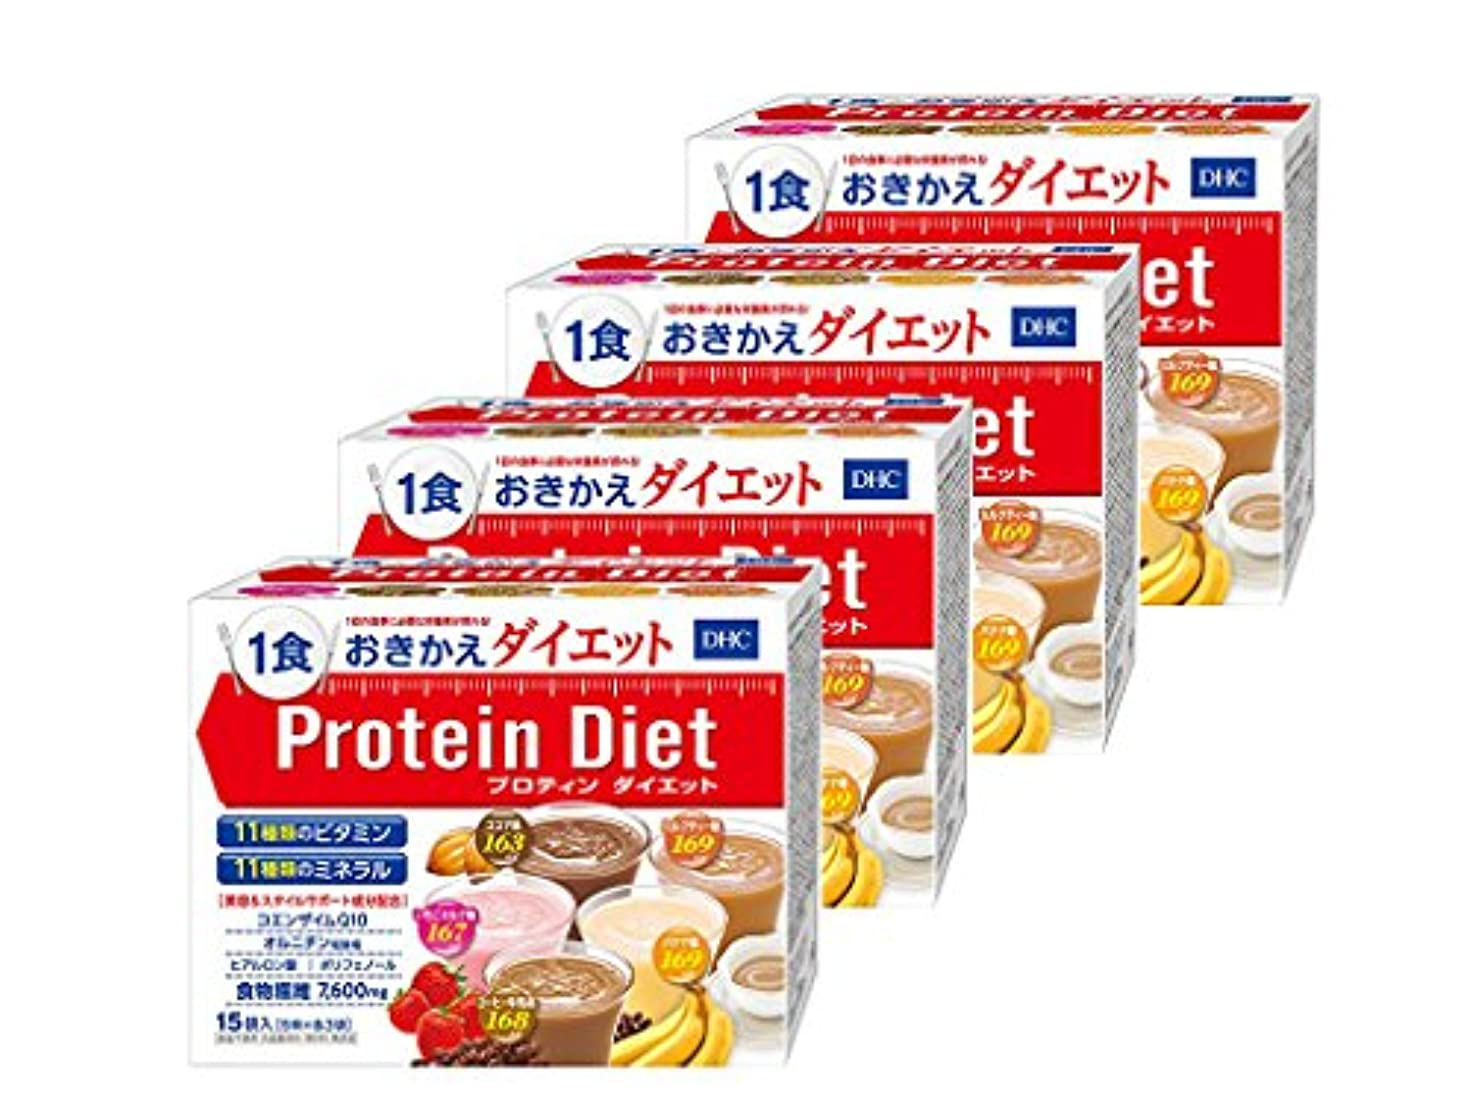 執着欺くソフトウェアDHC プロティンダイエット 1箱15袋入 4箱セット 1食169kcal以下&栄養バッチリ! リニューアル